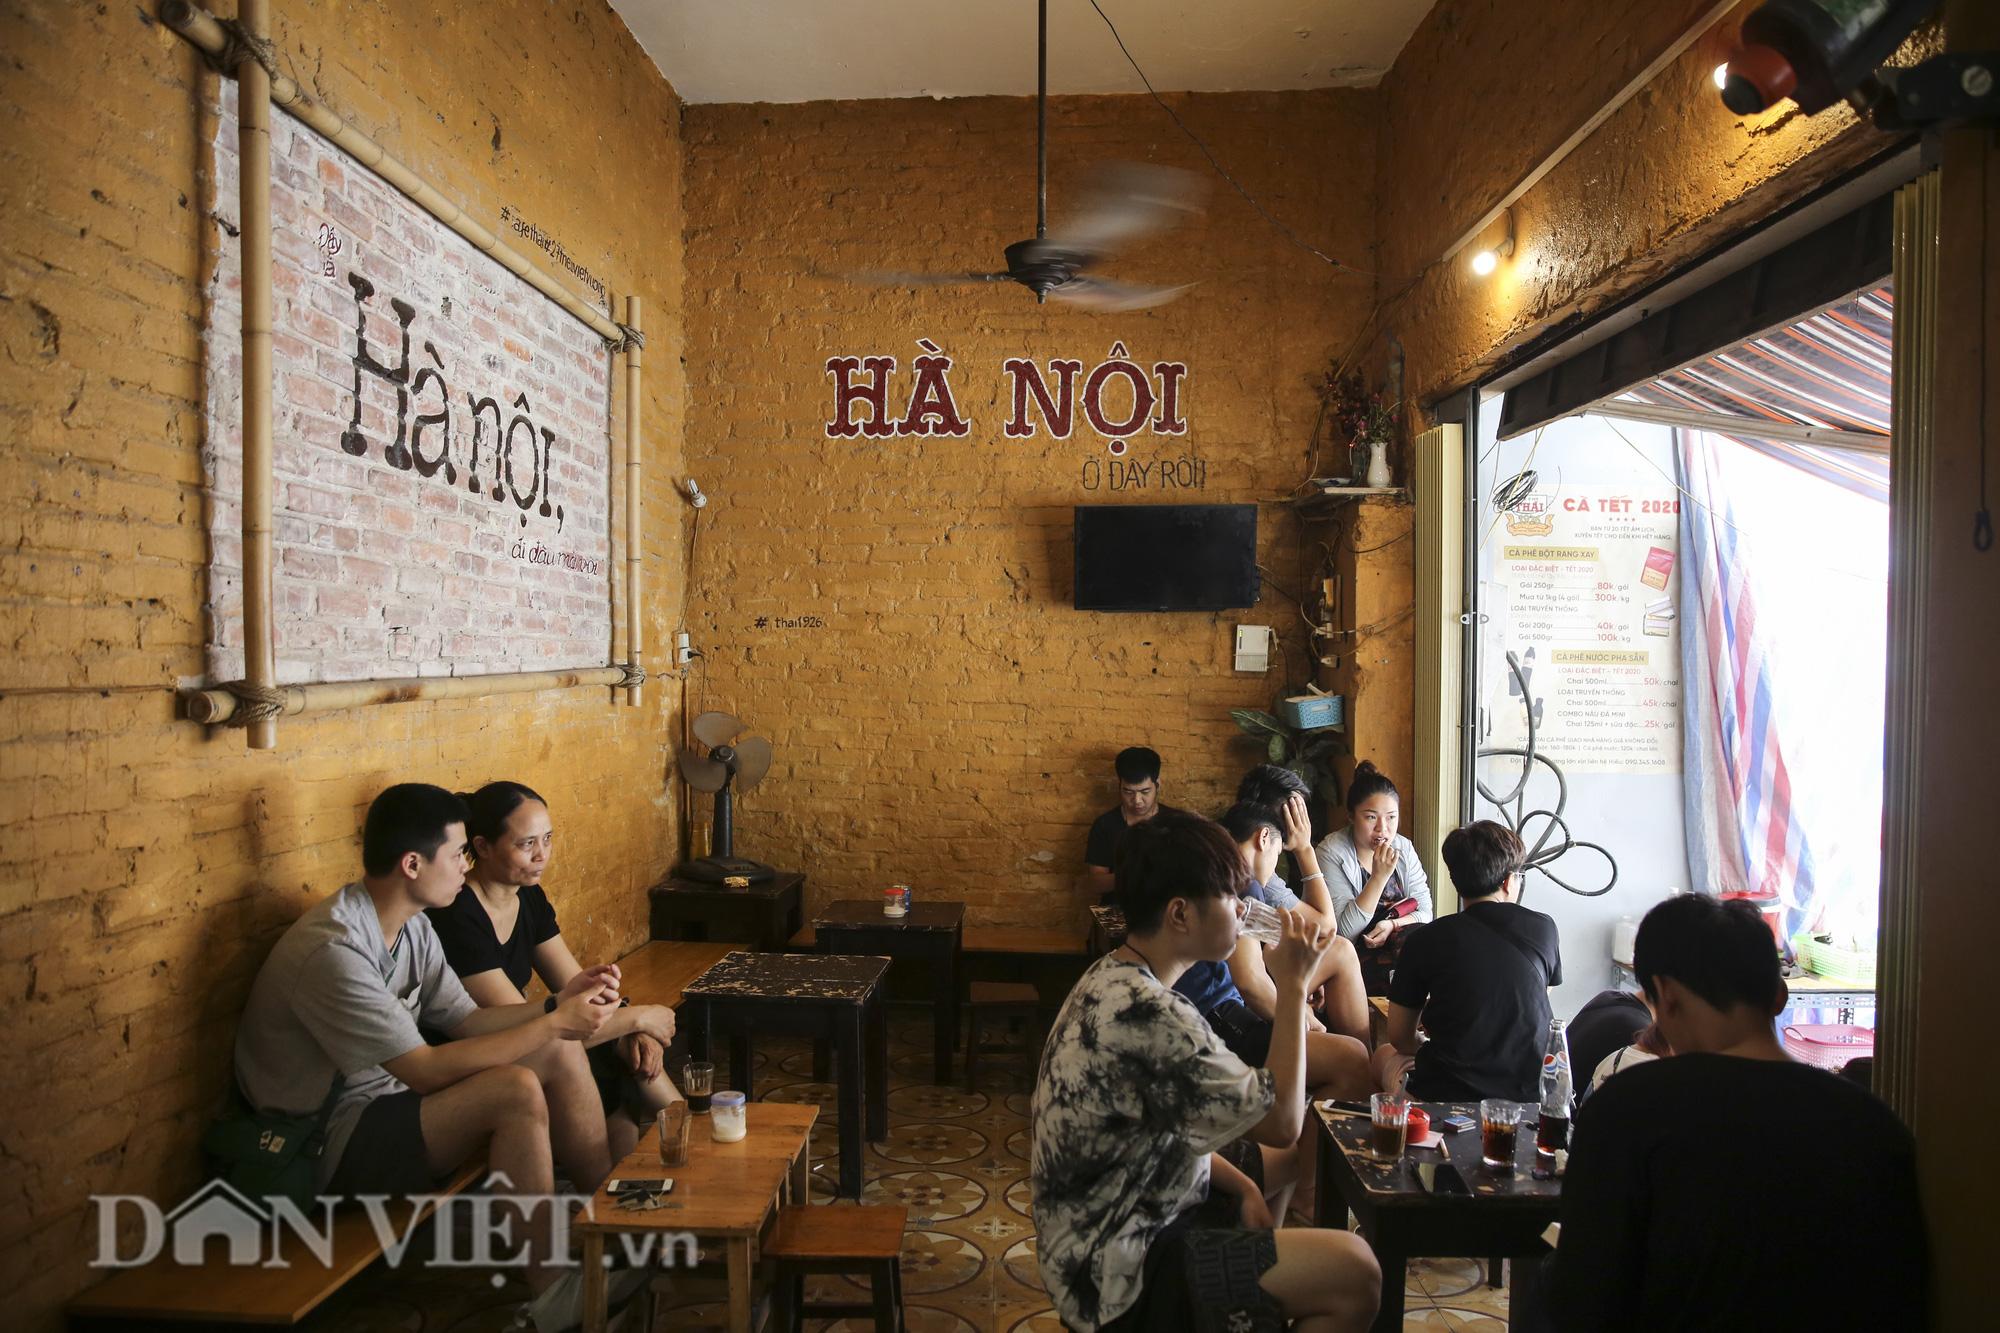 """Ngất ngây hương vị """"rang củi"""" tại quán cà phê lâu đời nhất Hà Nội - Ảnh 11."""